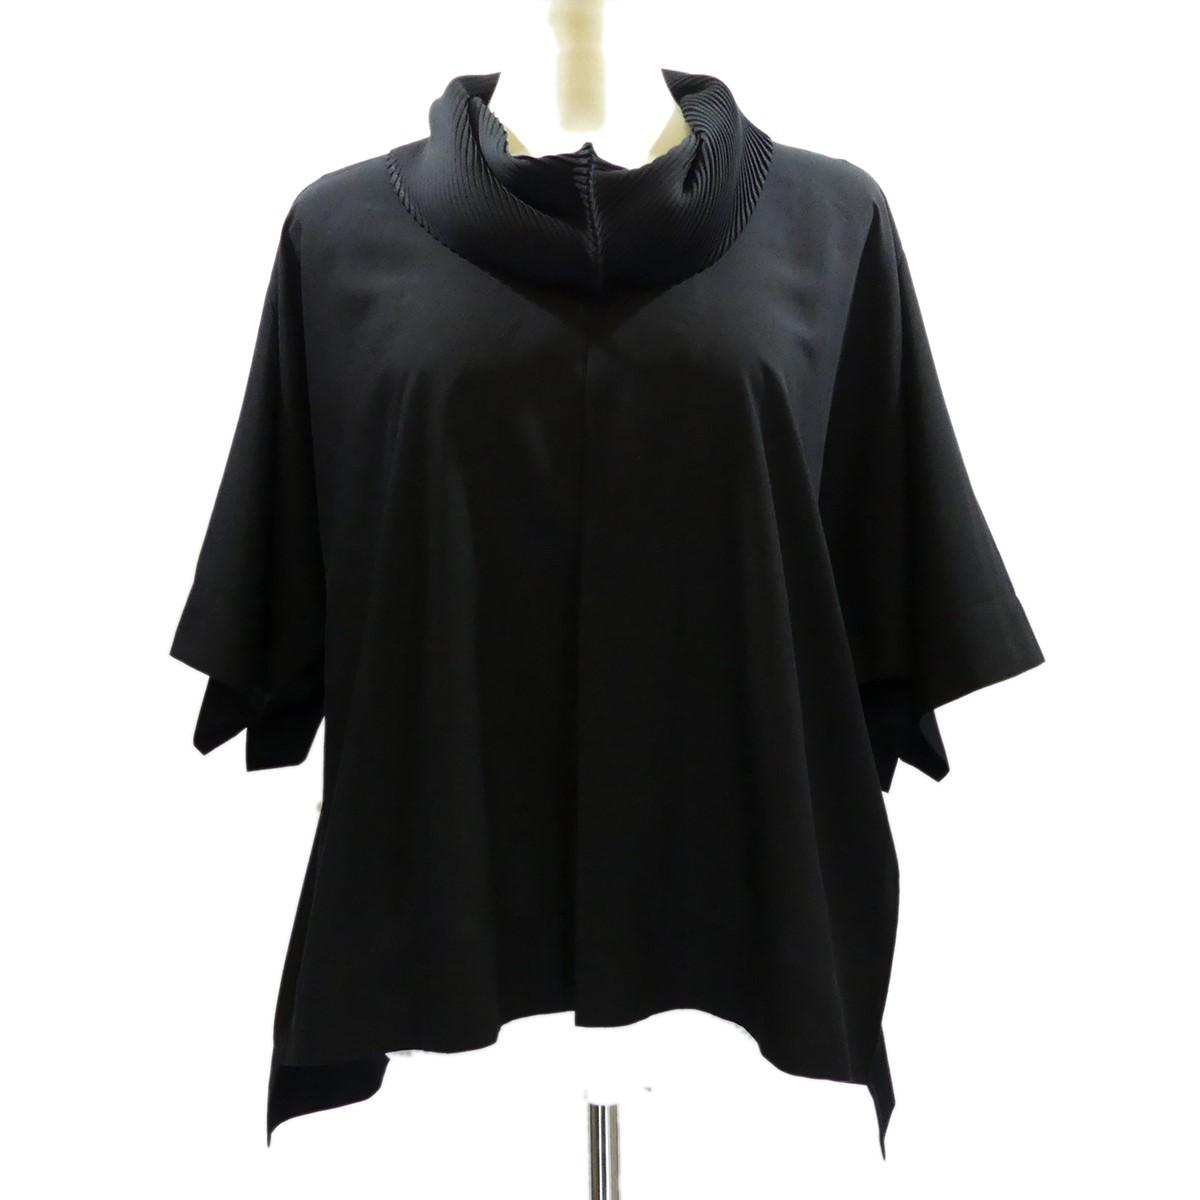 【中古】ISSEY MIYAKE プリーツカラー 半袖プルオーバーシャツ Pleats Collar Shirt ブラック サイズ:2 【280420】(イッセイミヤケ)